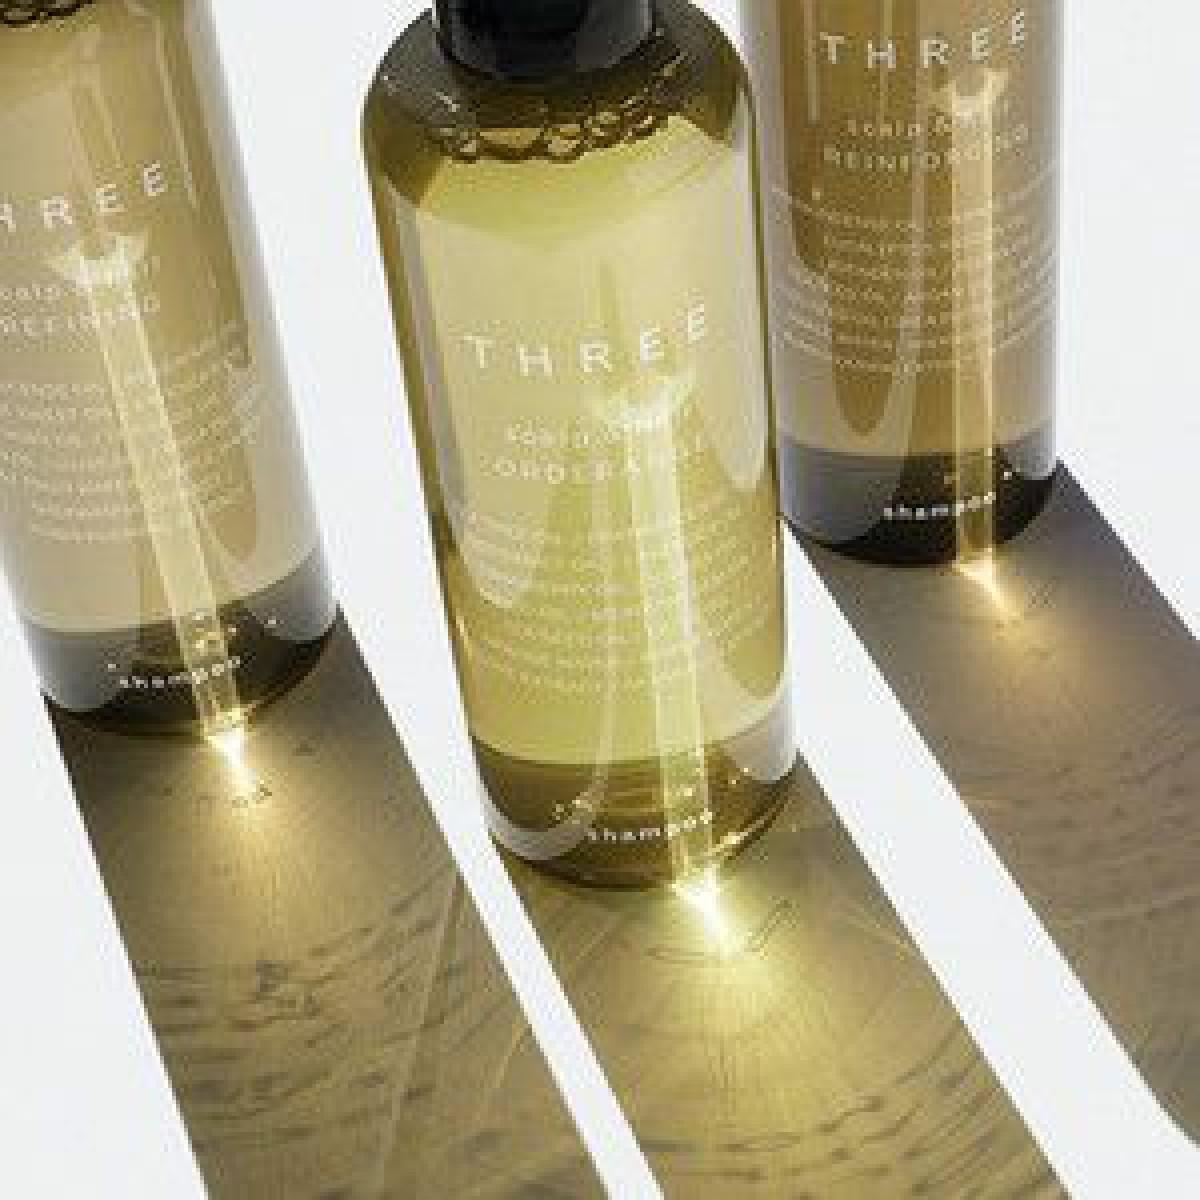 髪と頭皮のダメージをリセット、THREEが新ヘアケアシリーズ「オーダレンジ」を発売